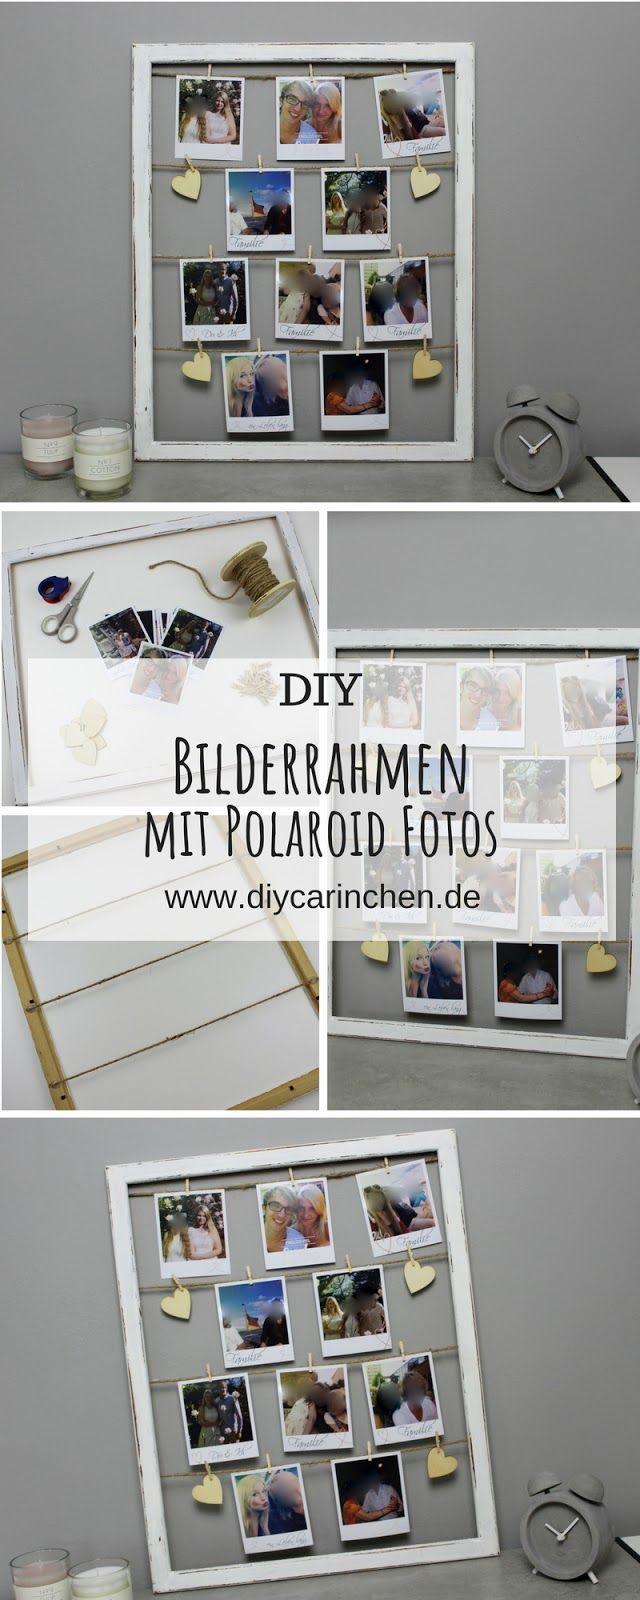 DIY ausgefallener Bilderrahmen mit Fotos im Polaroid-Stil selber machen